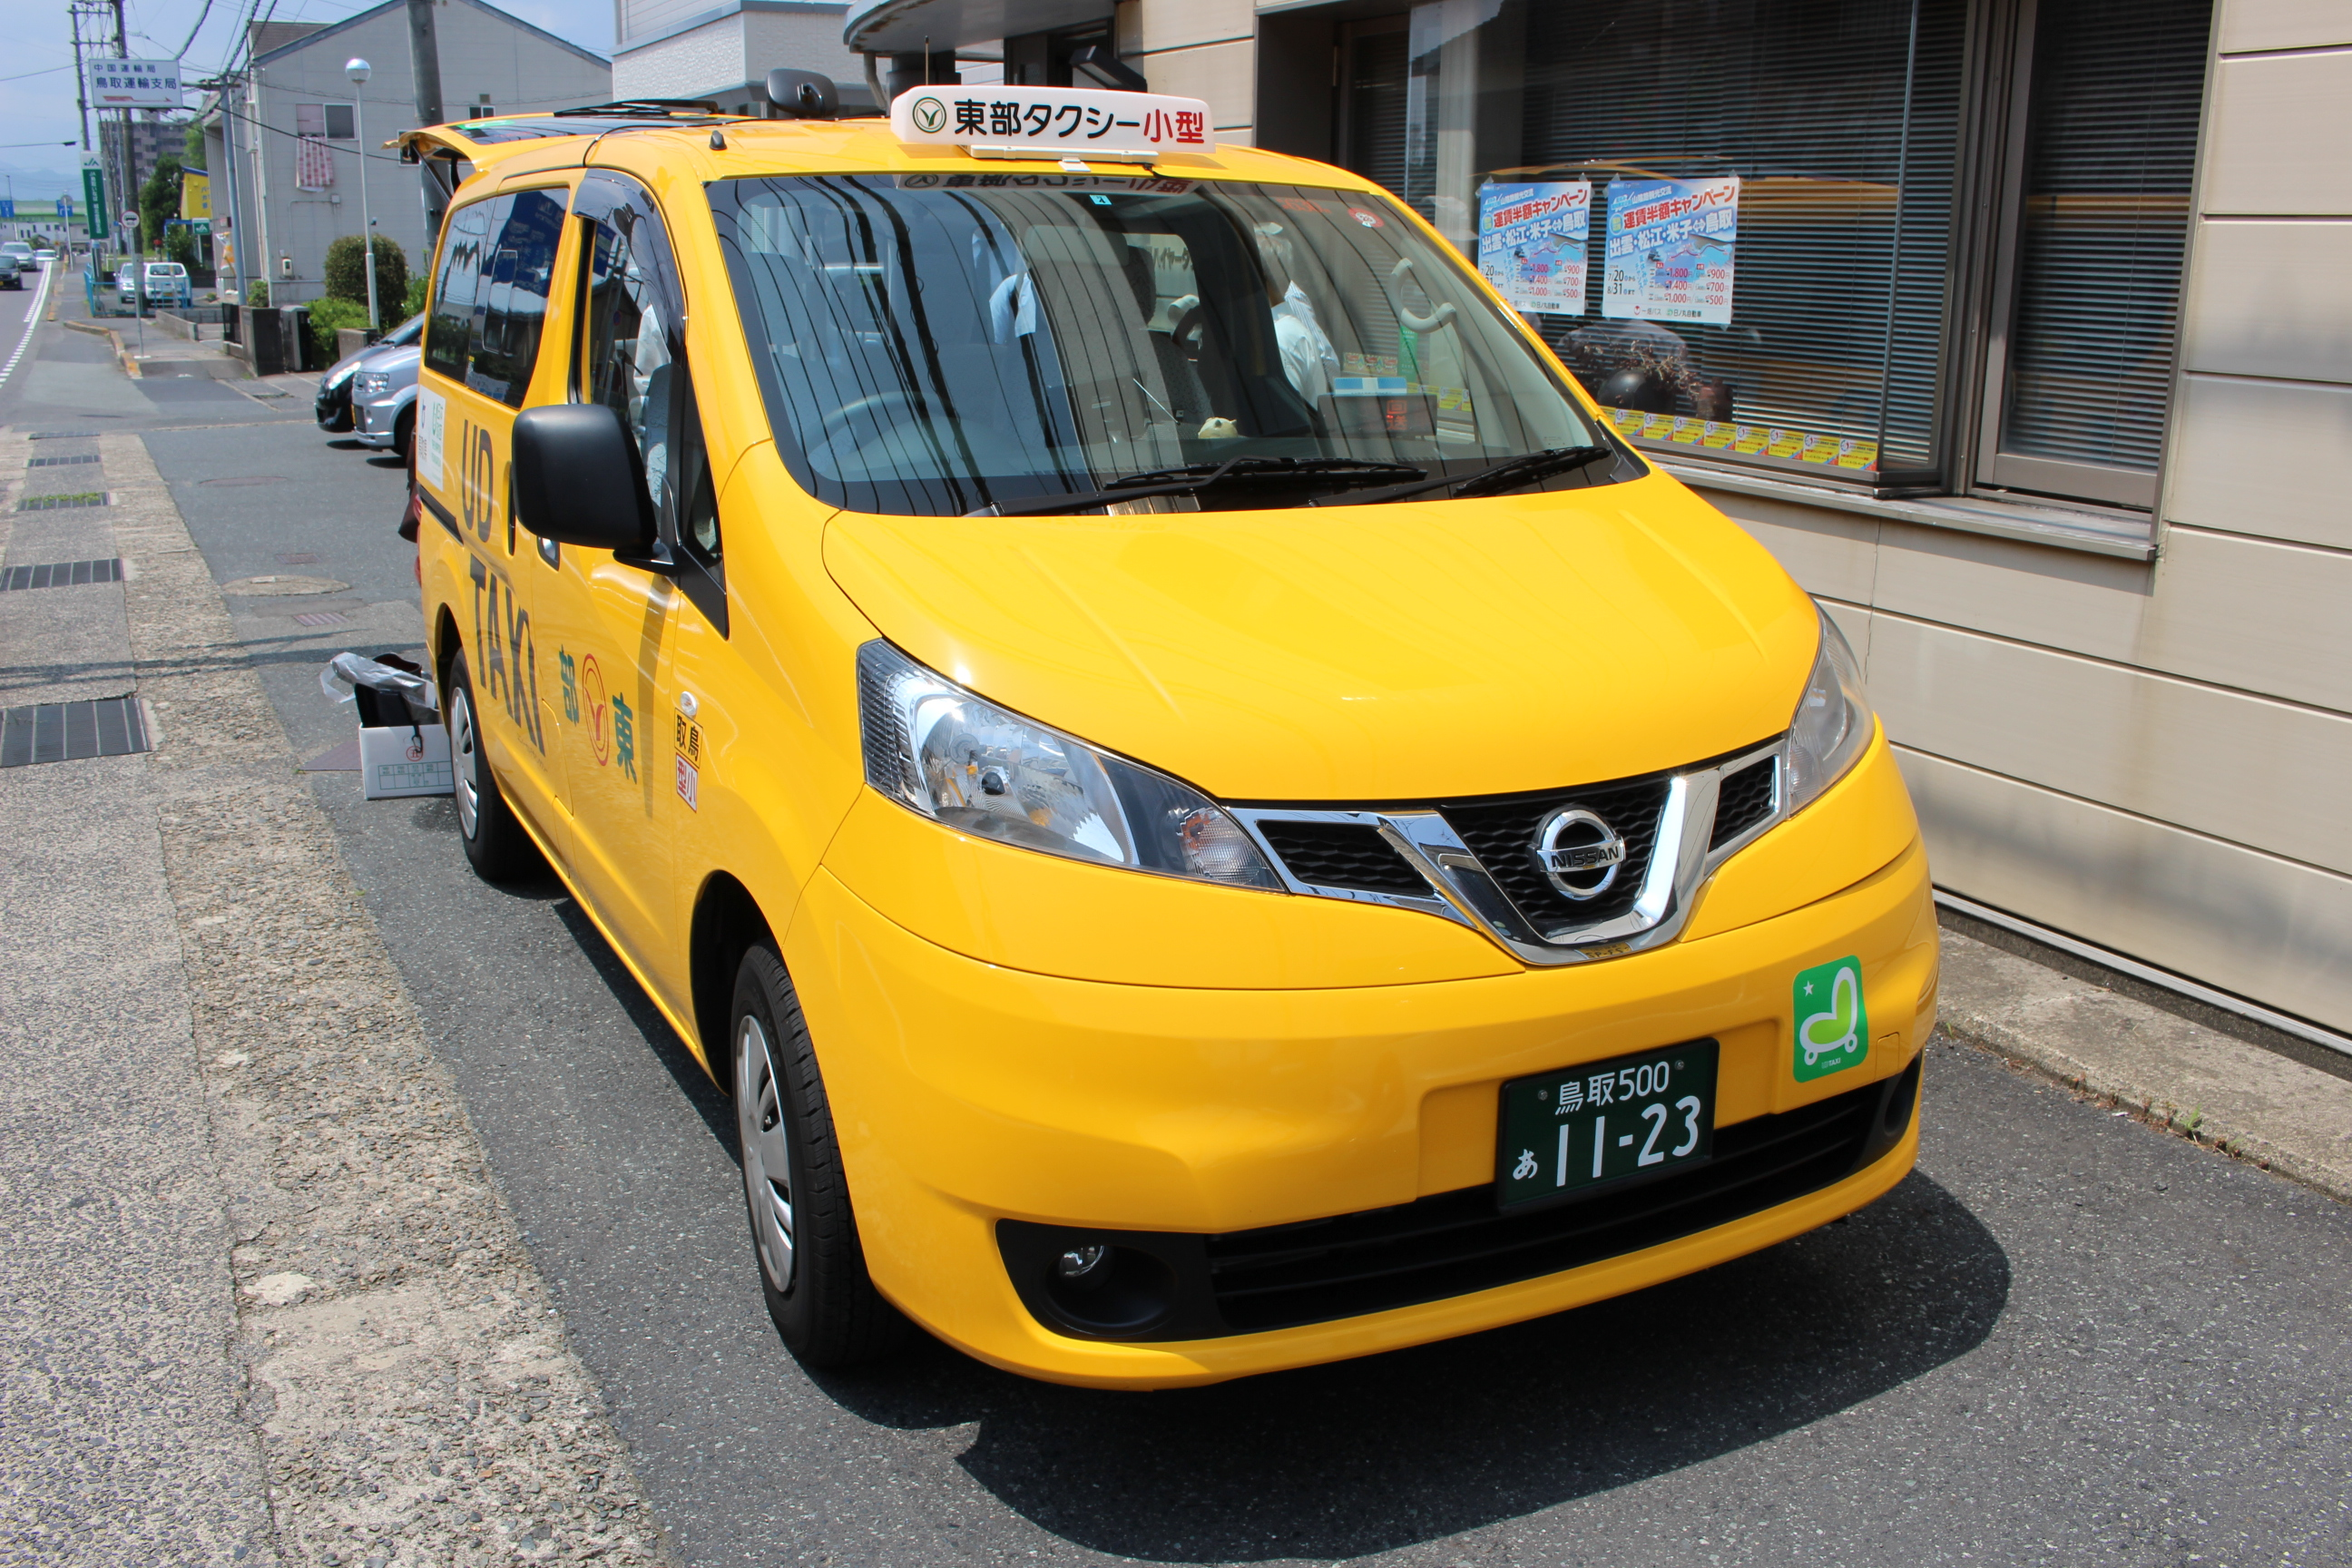 ユニバーサルデザインタクシーが当たり前になる時代へ ~鳥取県ハイヤータクシー協会/日本財団鳥取フィールドトリップ~